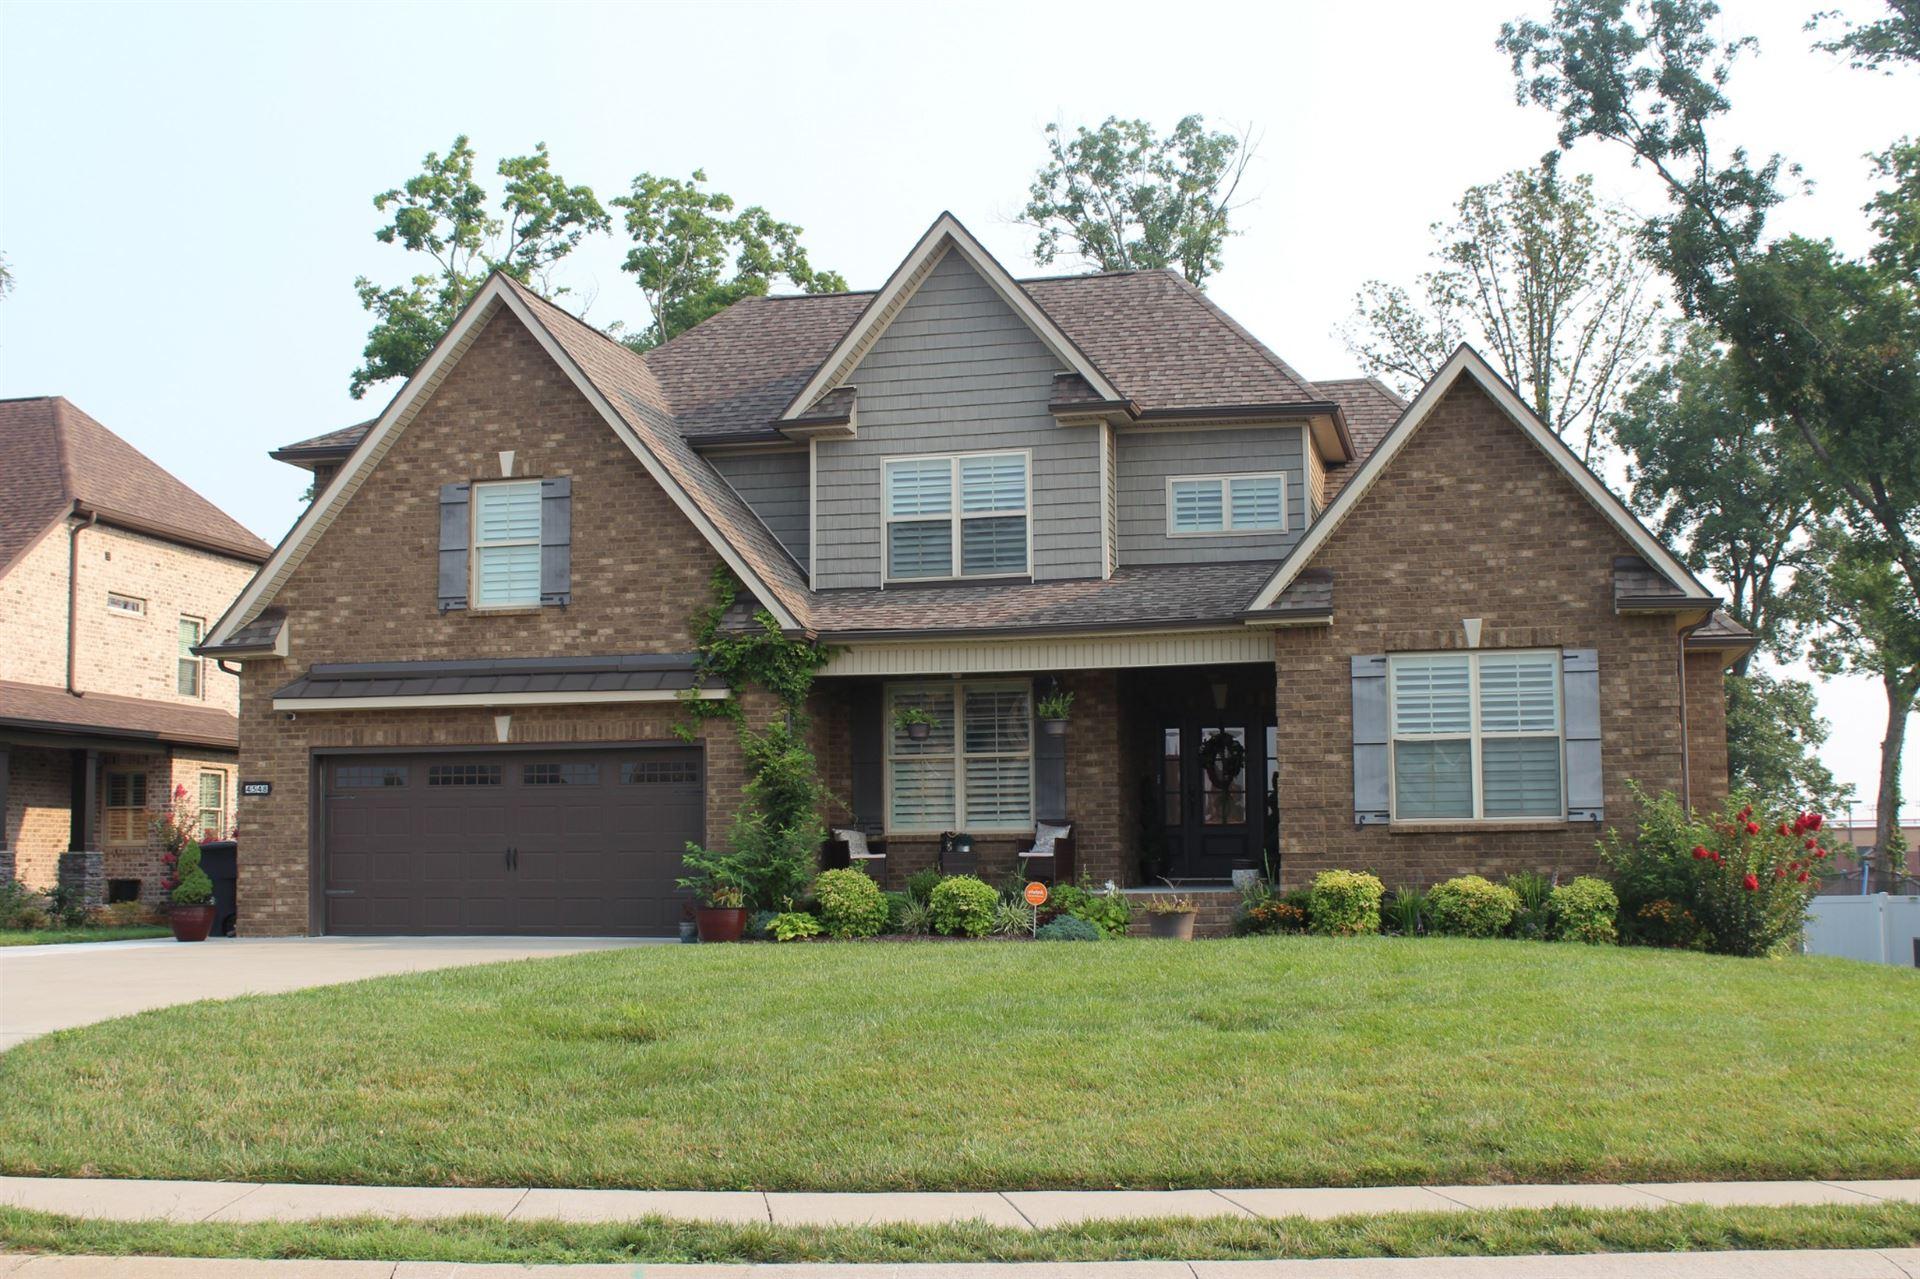 4548 Garcia Blvd, Murfreesboro, TN 37128 - MLS#: 2274639